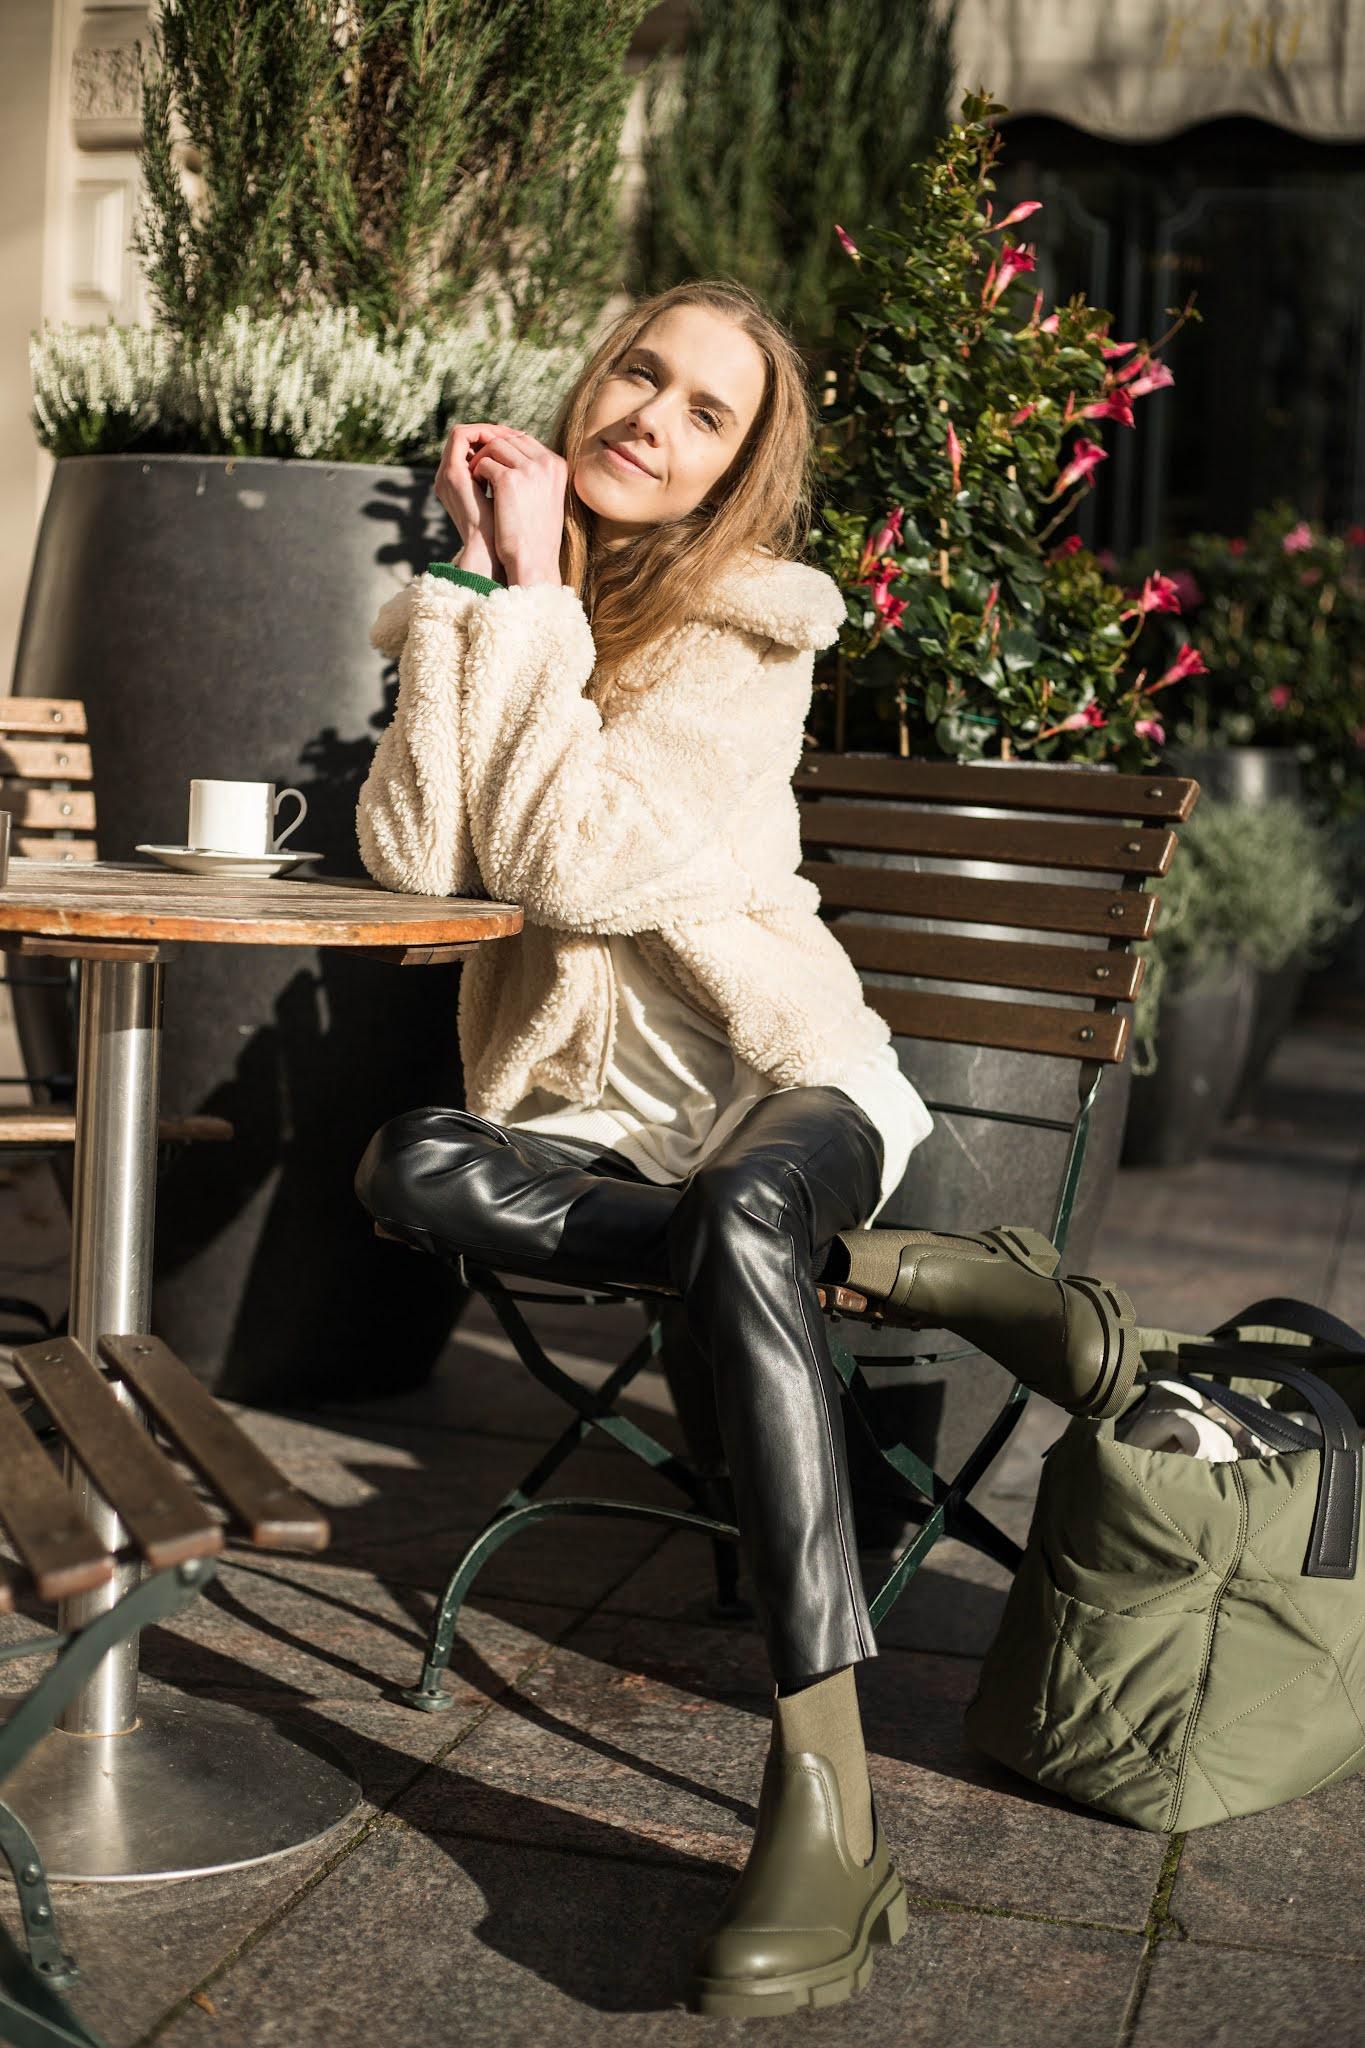 Syksyinen asukokonaisuus vaalean lyhyen pörrötakin kanssa // Autumn outfit with short beige teddy jacket